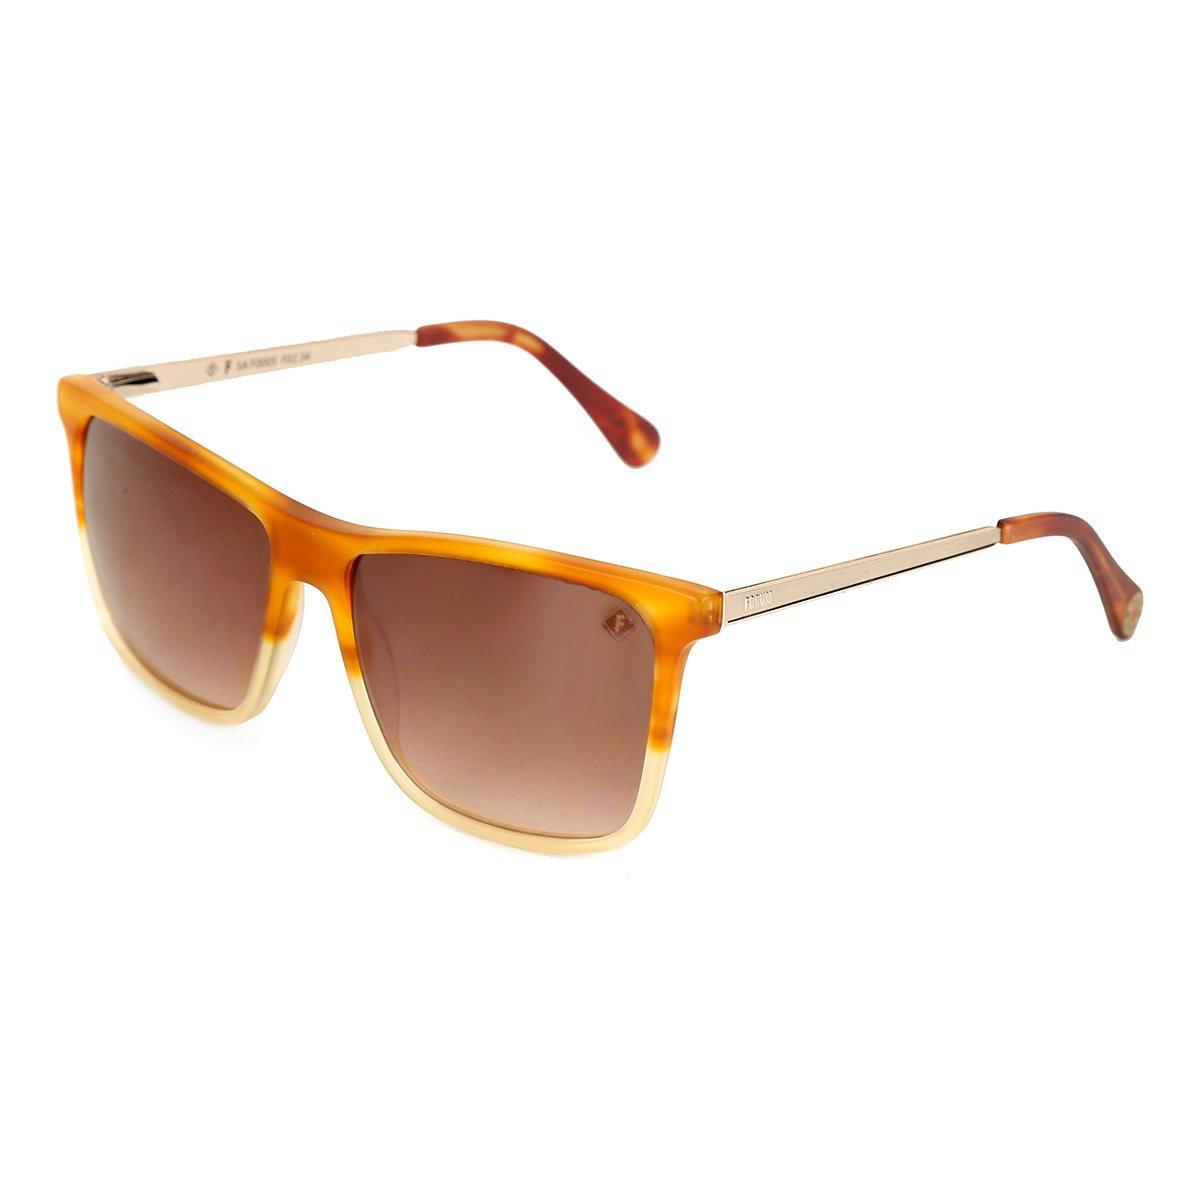 7a269e981600f Por 5.200 Pontos. FornecedorNetshoes. Óculos de Sol Forum Marmorizado  Masculino